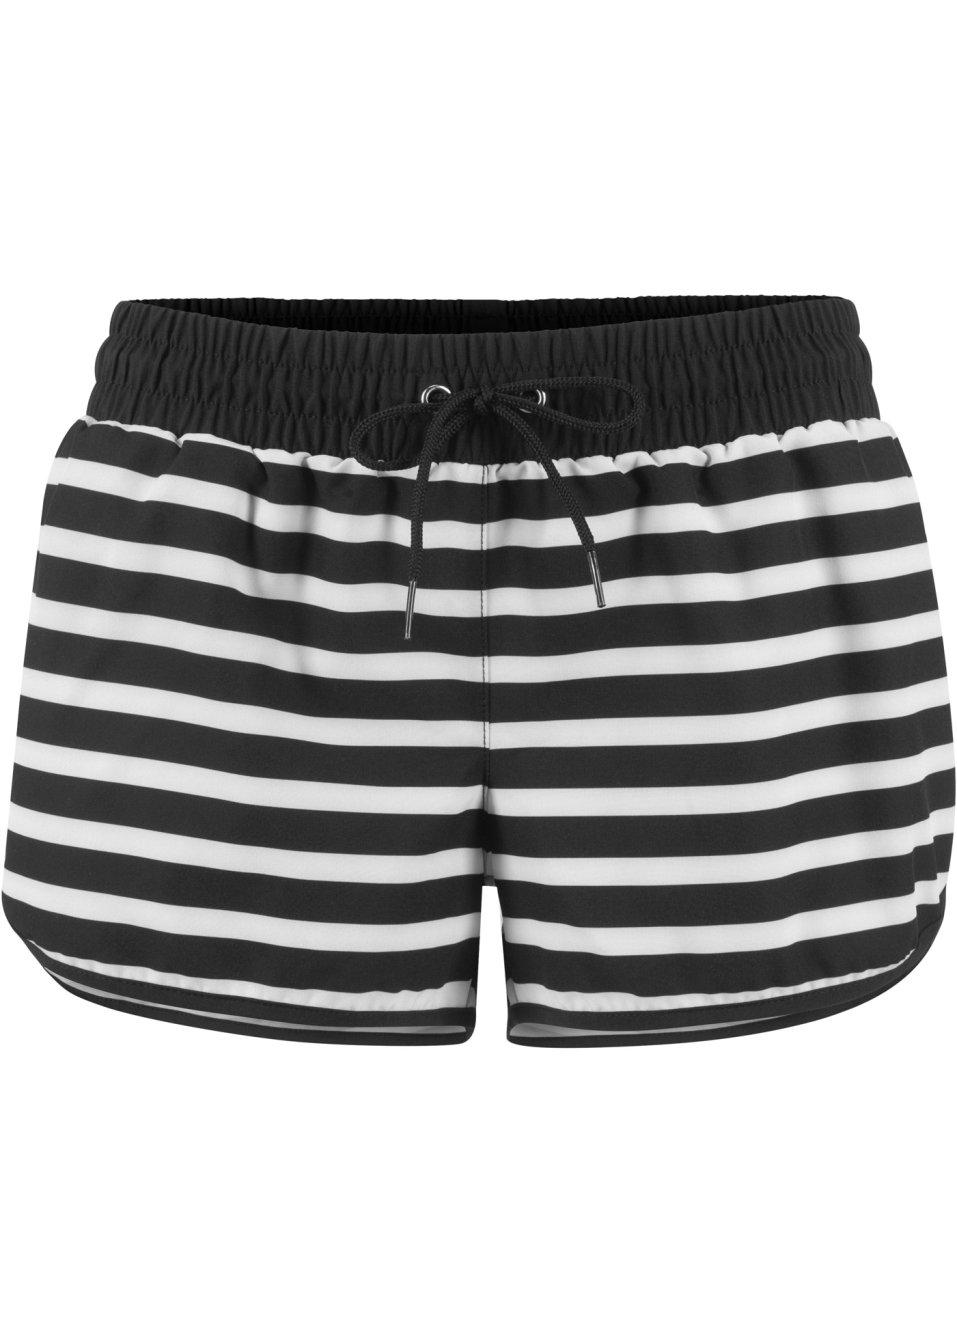 Leichter Strandshorts mit elastischem Bund - schwarz/weiß 9FyN2 pIHgK